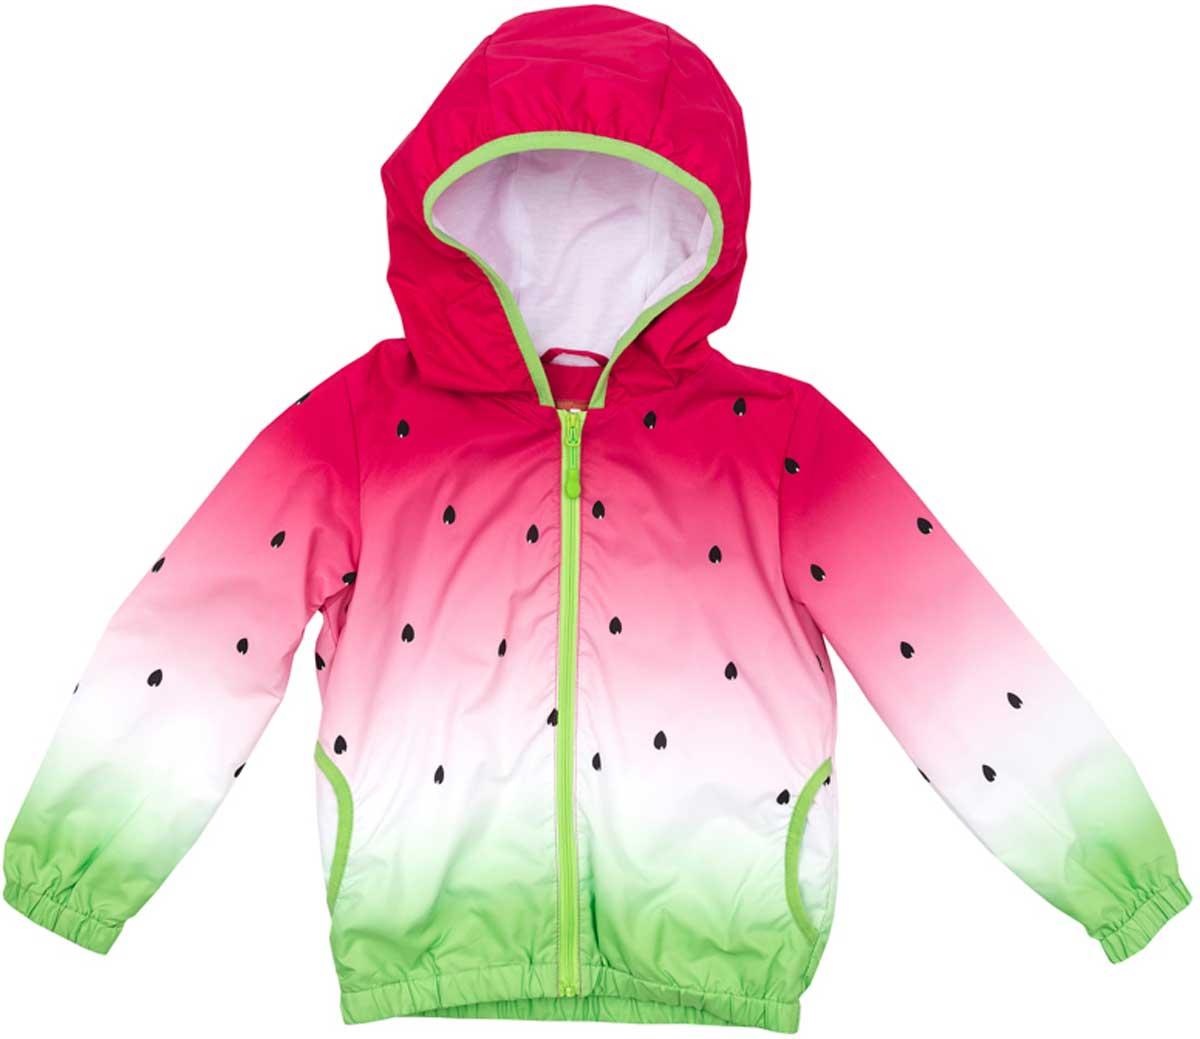 Куртка172152Практичная куртка яркой сочной расцветки со специальной водоотталкивающей пропиткой защитит Вашего ребенка в любую погоду! . Мягкие резинки на рукавах и по низу изделия защитят Вашего ребенка - ветер не сможет проникнуть под куртку. Модель с резинкой на капюшоне - даже во время активных игр капюшон не упадет с головы ребенка. Модель на подкладке из натуральных тканей.Преимущества:Водоооталкивающая тканьМодель с резинкой на капюшоне.Защита подбородка. Специальный карман для фиксации застежки - молнии не позволит застежке травмировать нежную кожу ребенка